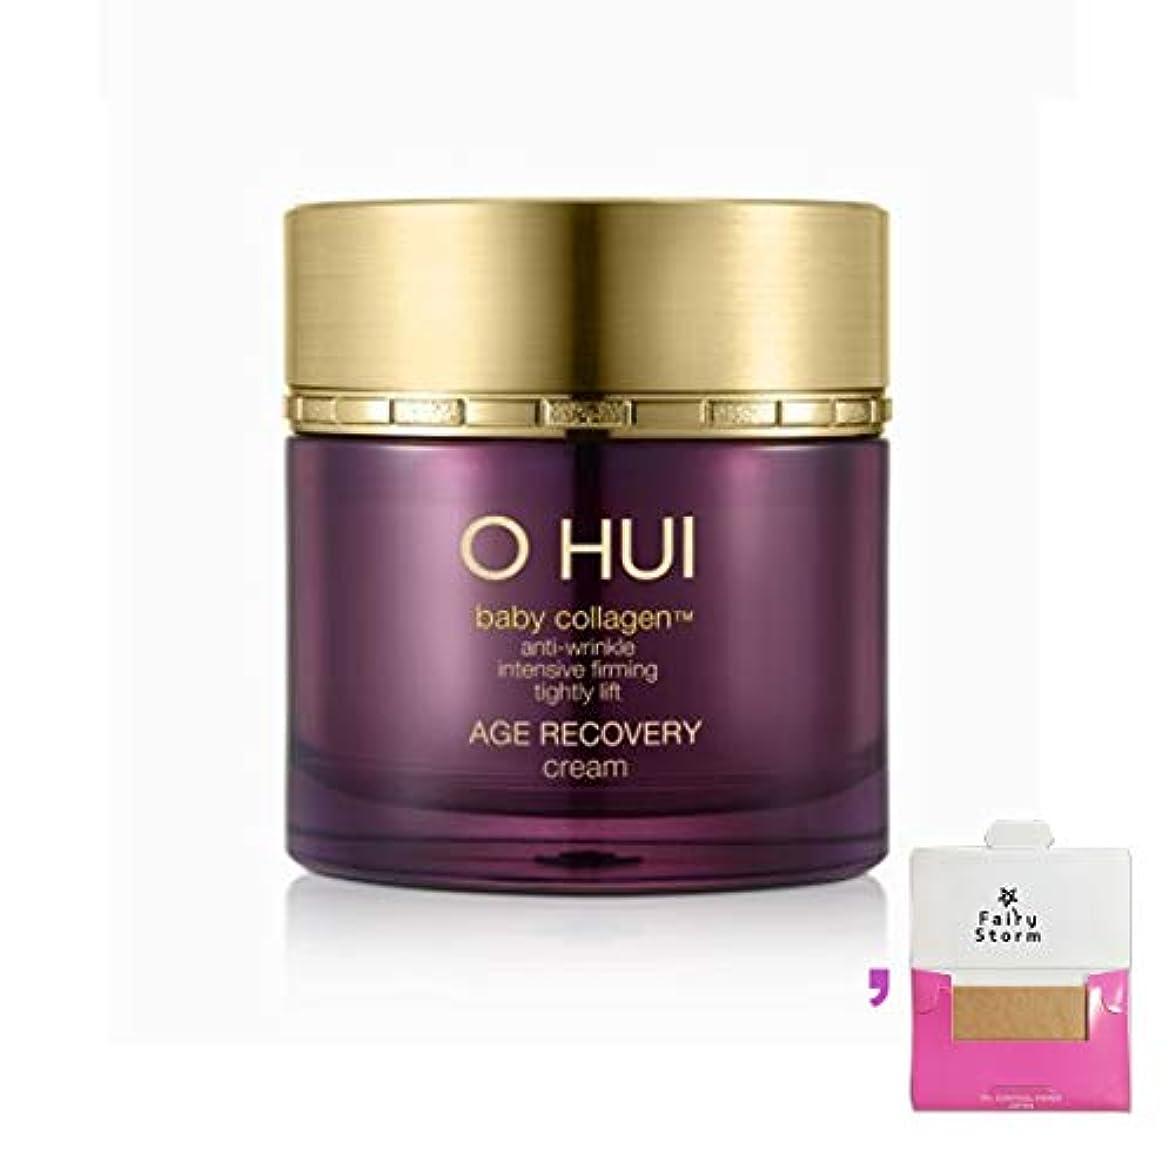 気付く誰でもラテン[オフィ/ O HUI]韓国化粧品 LG生活健康/オフィ エイジ リカバリー クリーム/O HUI AGE RECOVERY CREAM 50ml+ [Sample Gift](海外直送品)